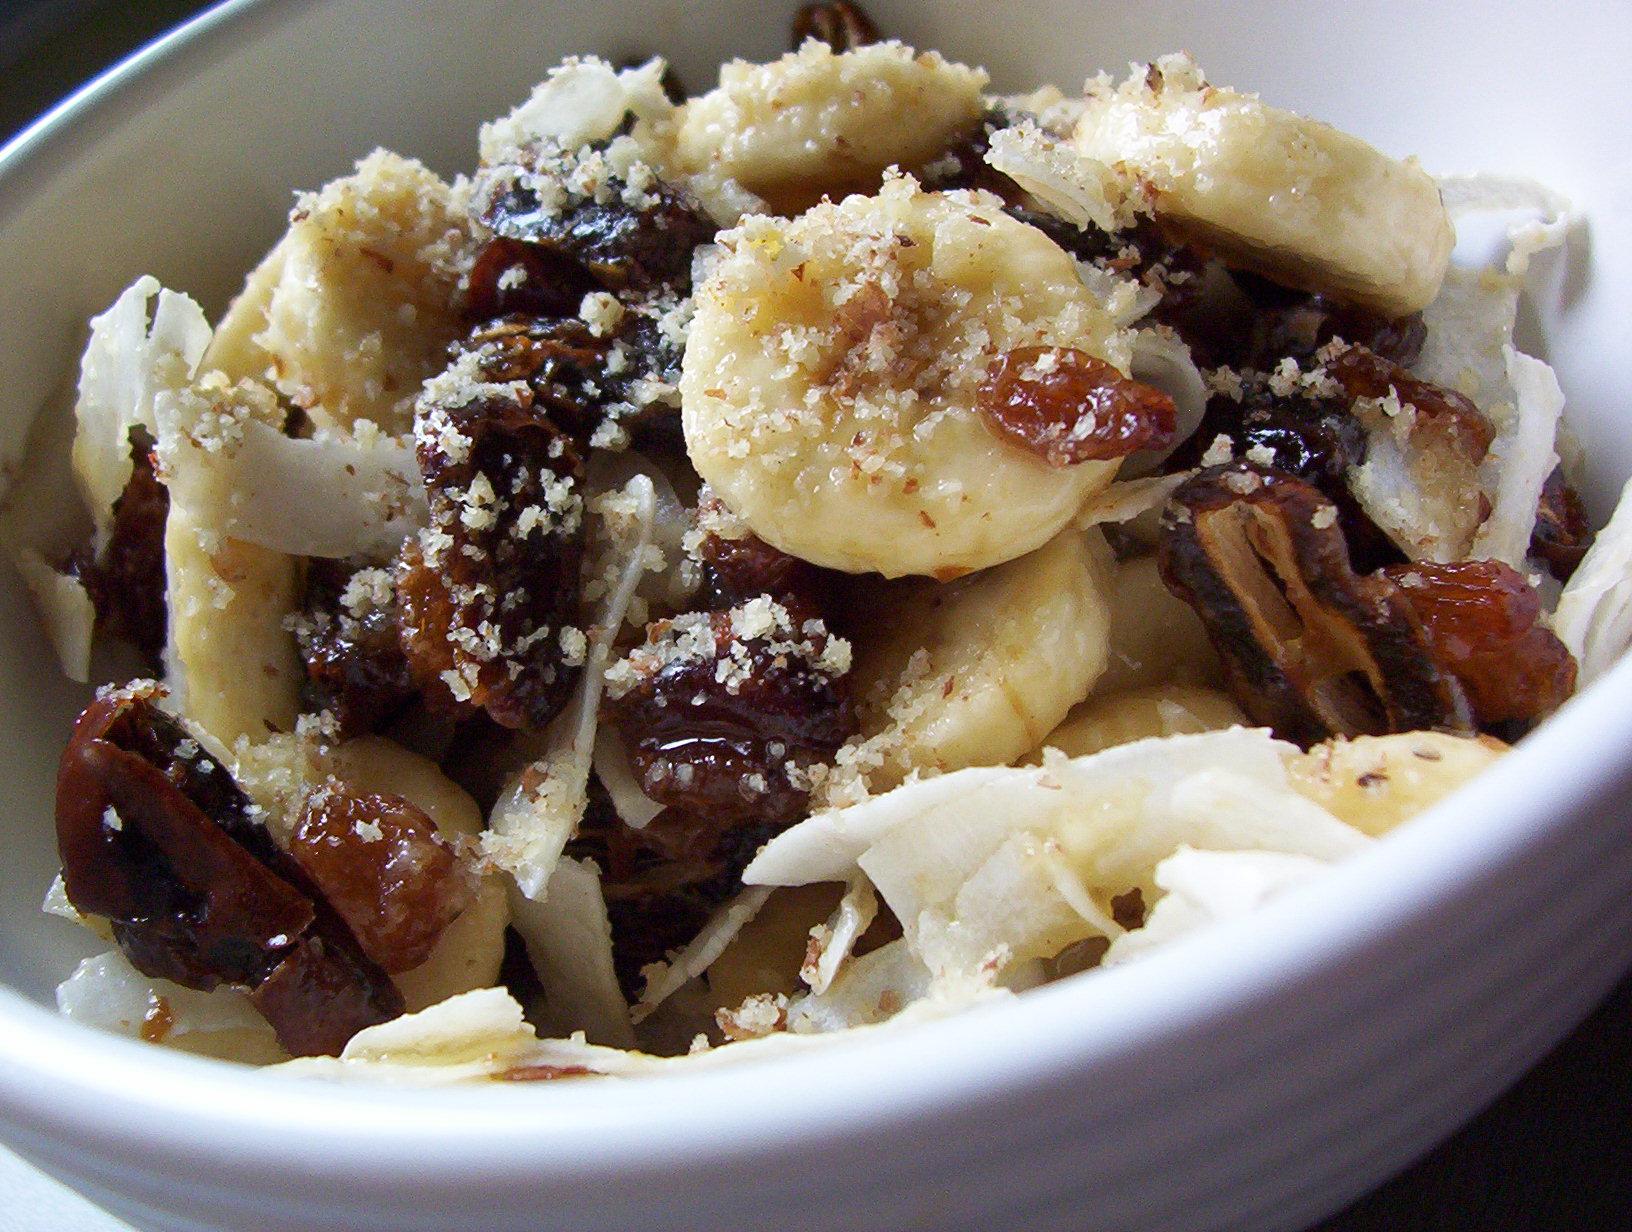 Banánový salát se sušeným ovocem